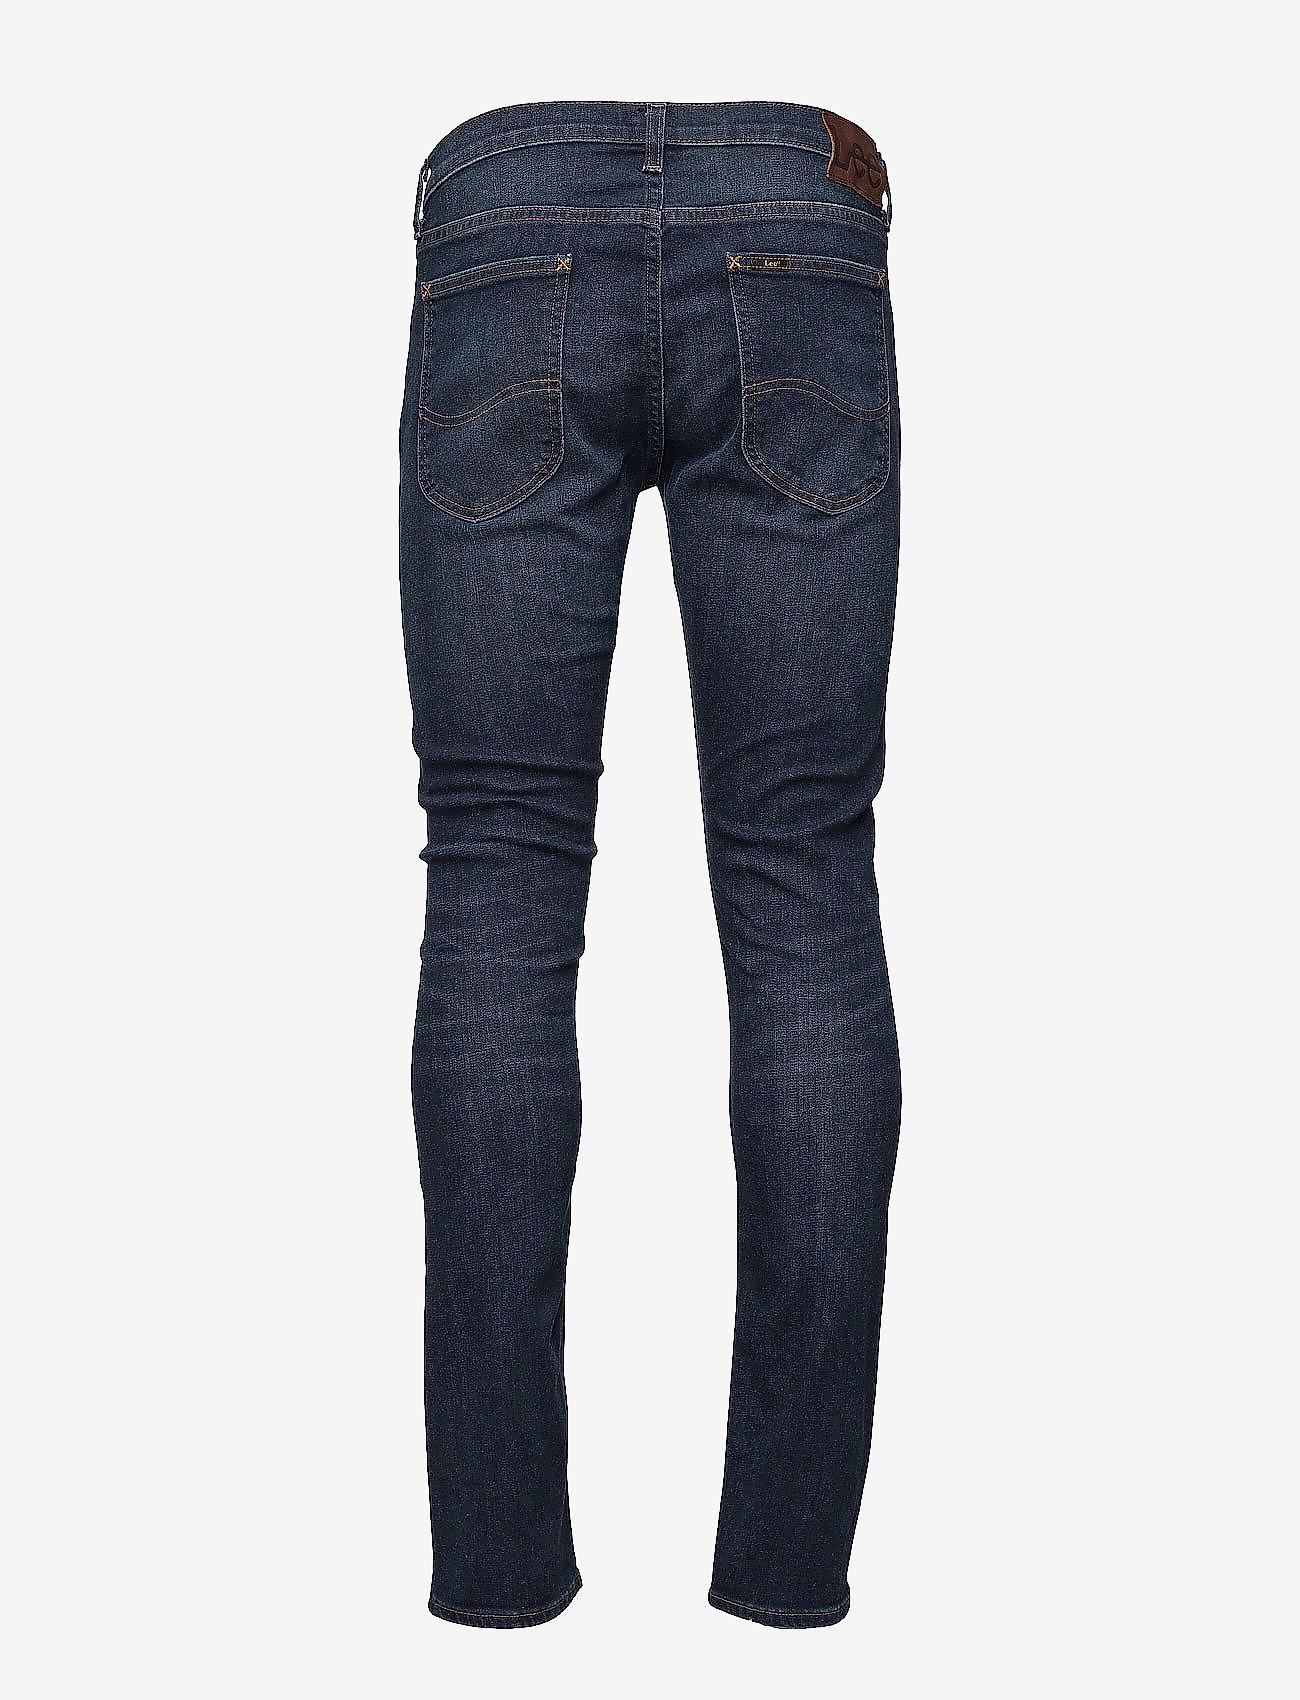 Lee Jeans - LUKE - skinny jeans - true authentic - 1